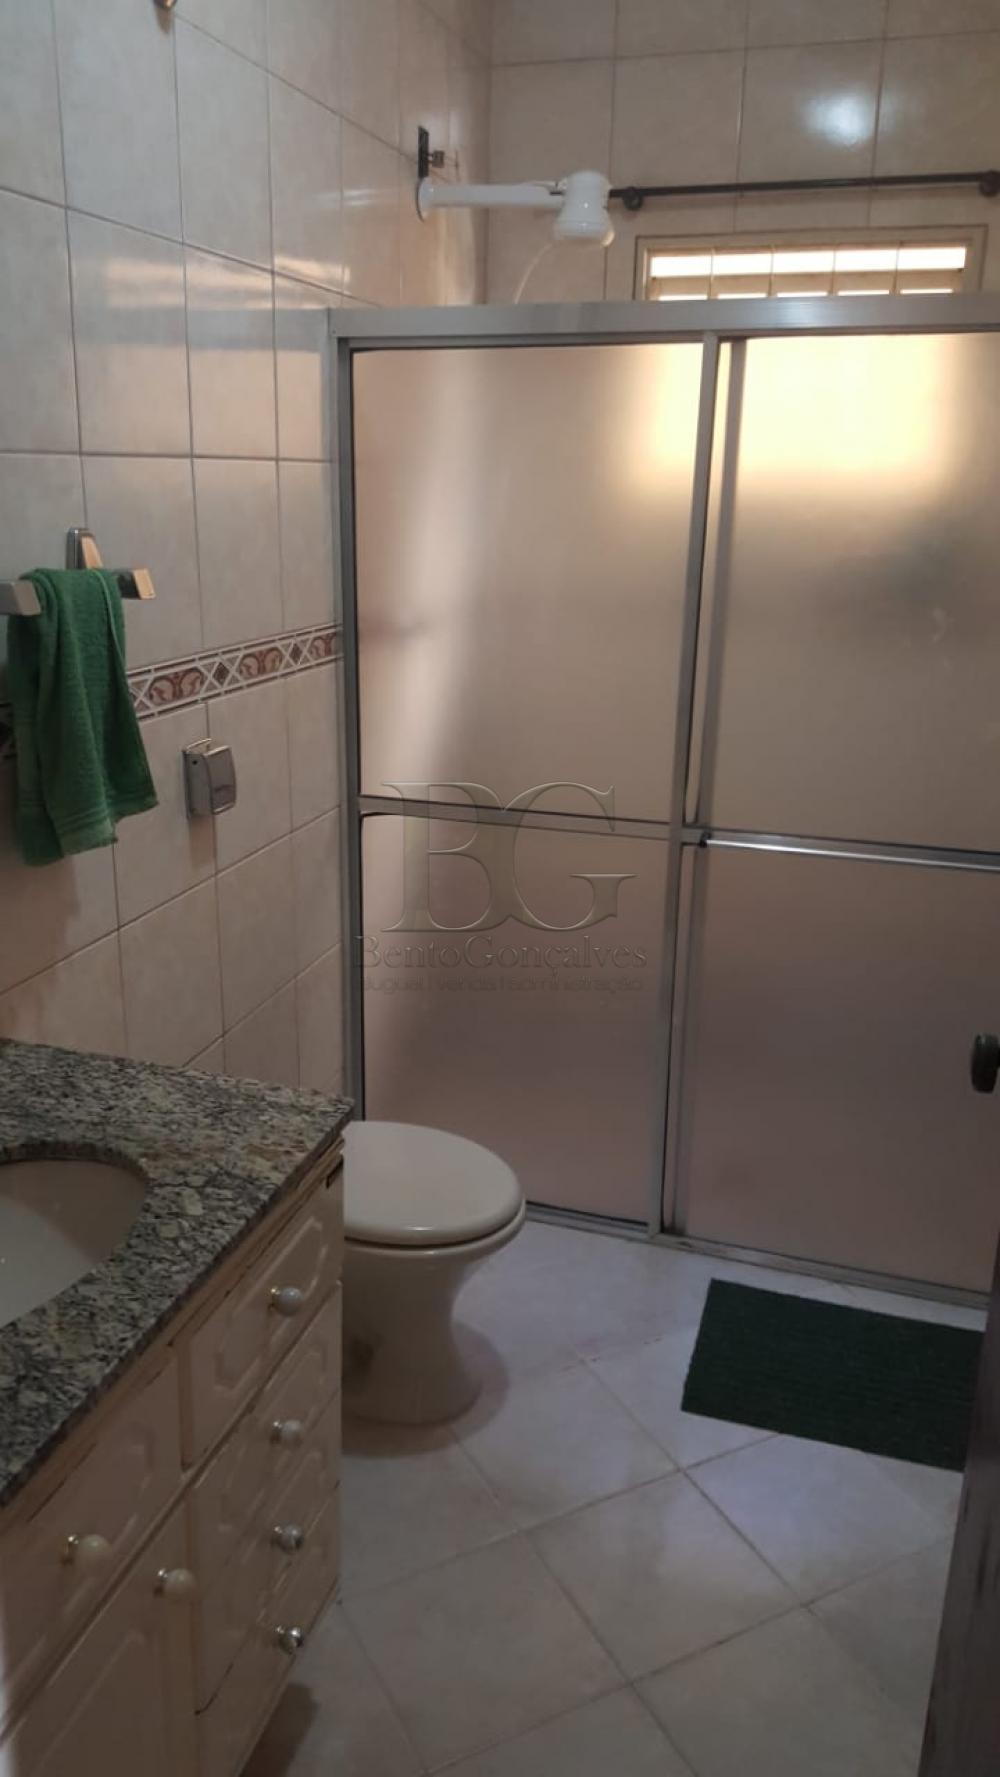 Comprar Casas / Padrão em Poços de Caldas apenas R$ 500.000,00 - Foto 11